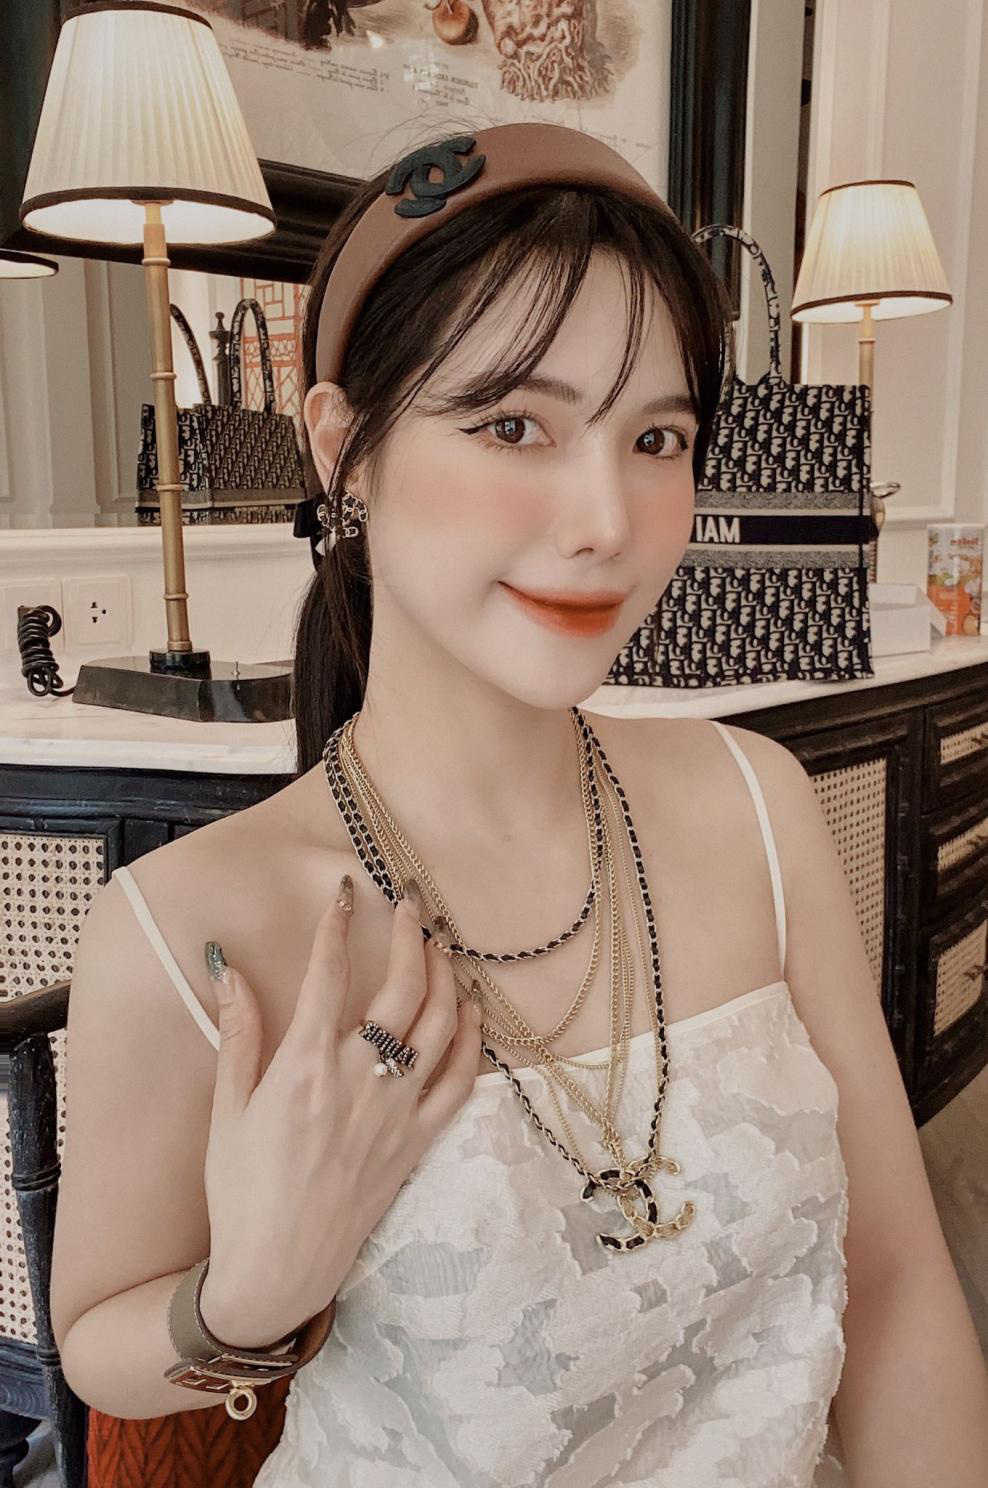 Mai Đỗ Makeup - Địa chỉ vàng mang lại diện mạo xinh đẹp lộng lẫy cho các cô dâu - Ảnh 2.